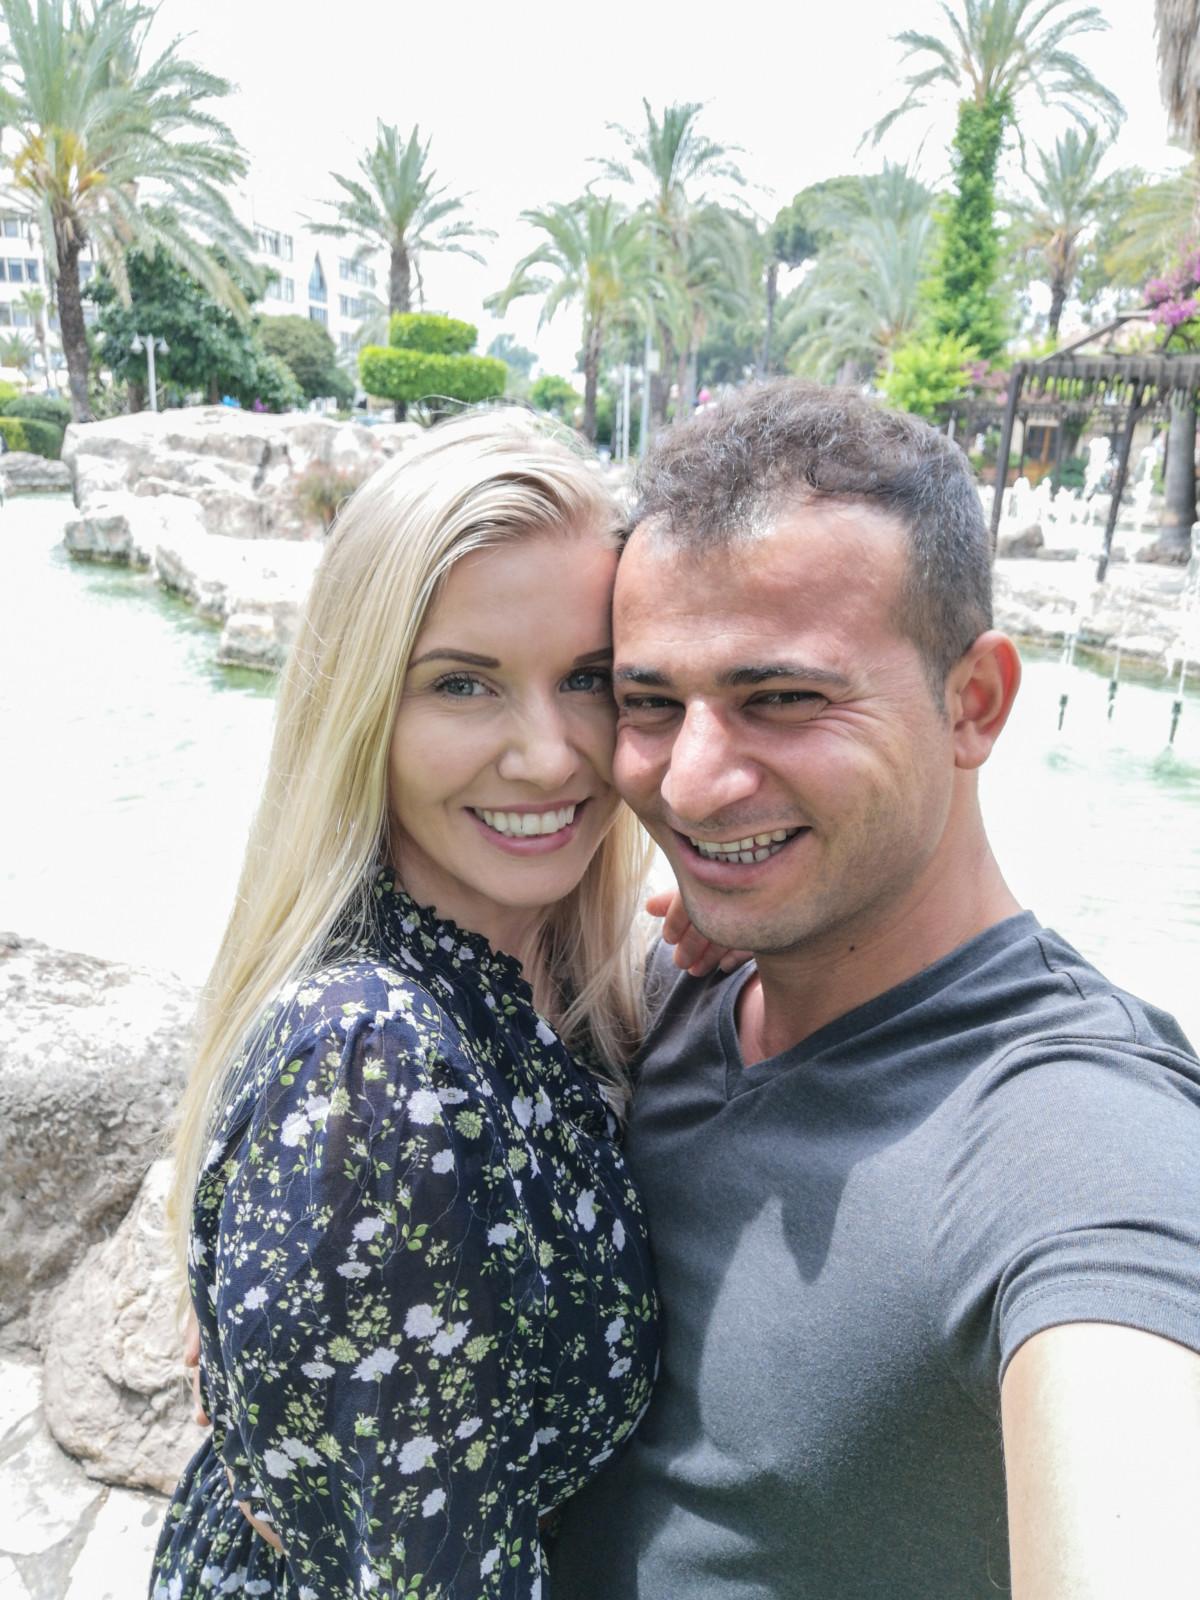 gebyr for service Dating Sites tradisjonelle greske dating skikker